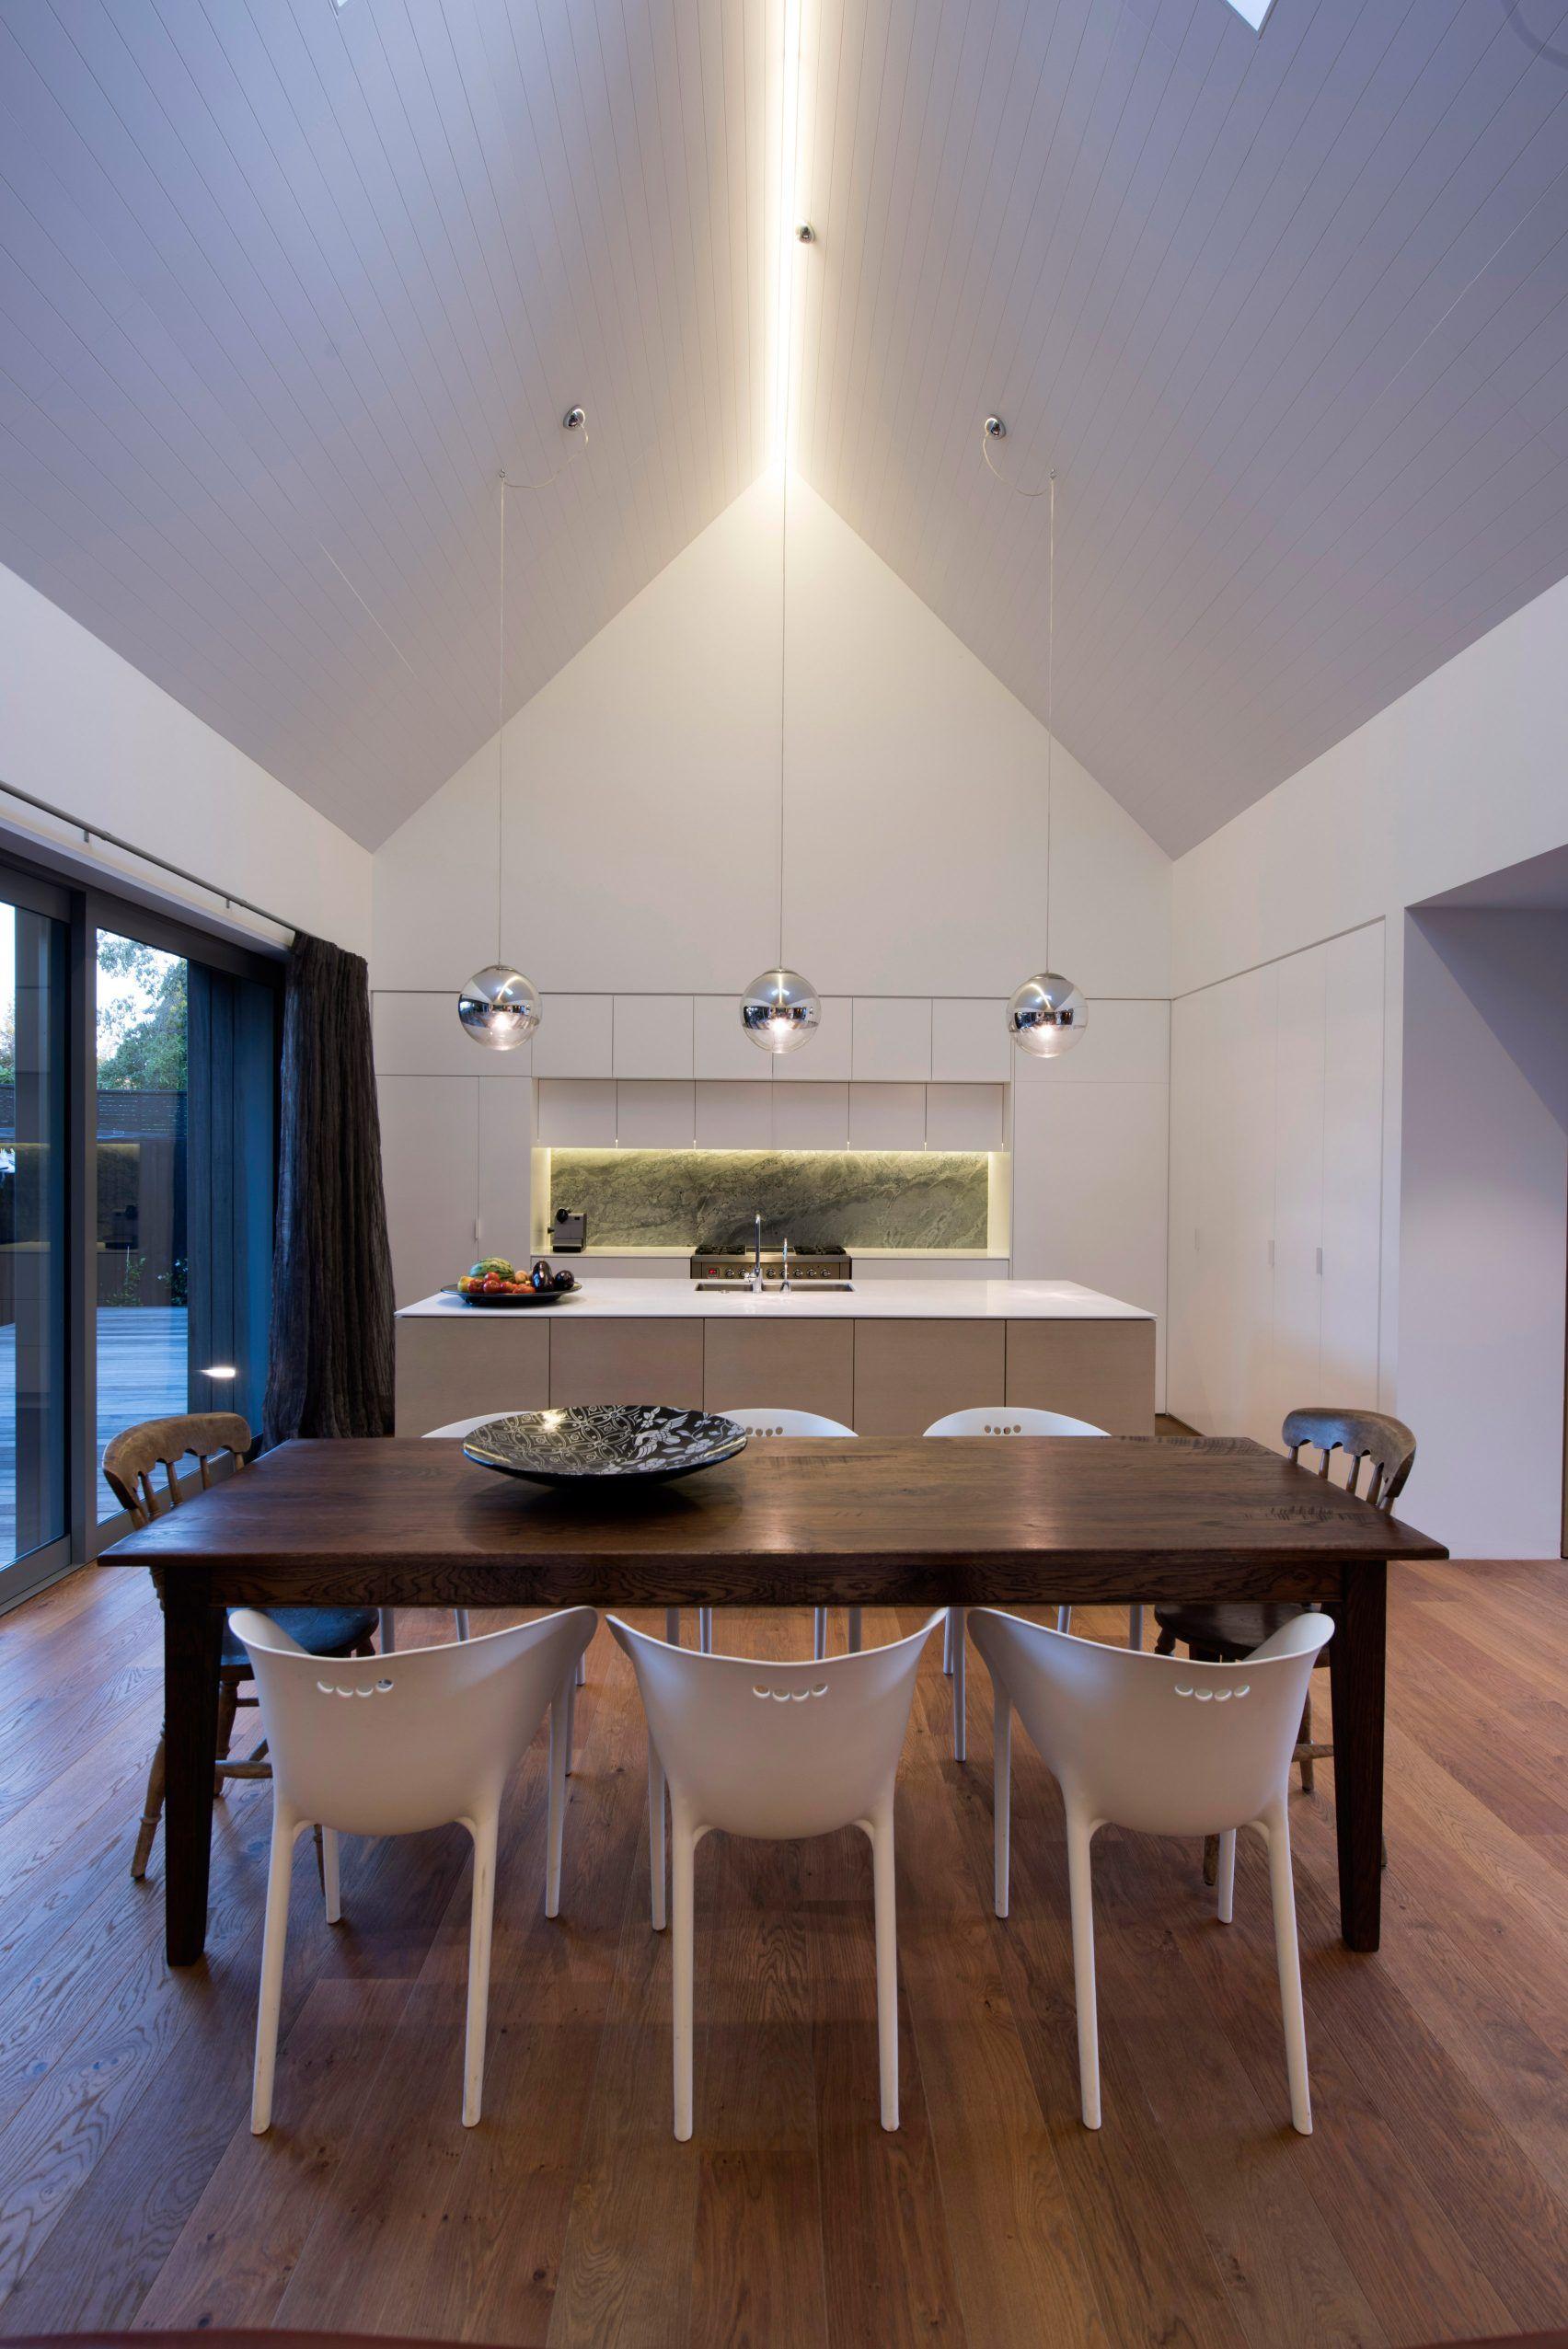 Beste Traum Design Küchen Christchurch Fotos - Ideen Für Die Küche ...